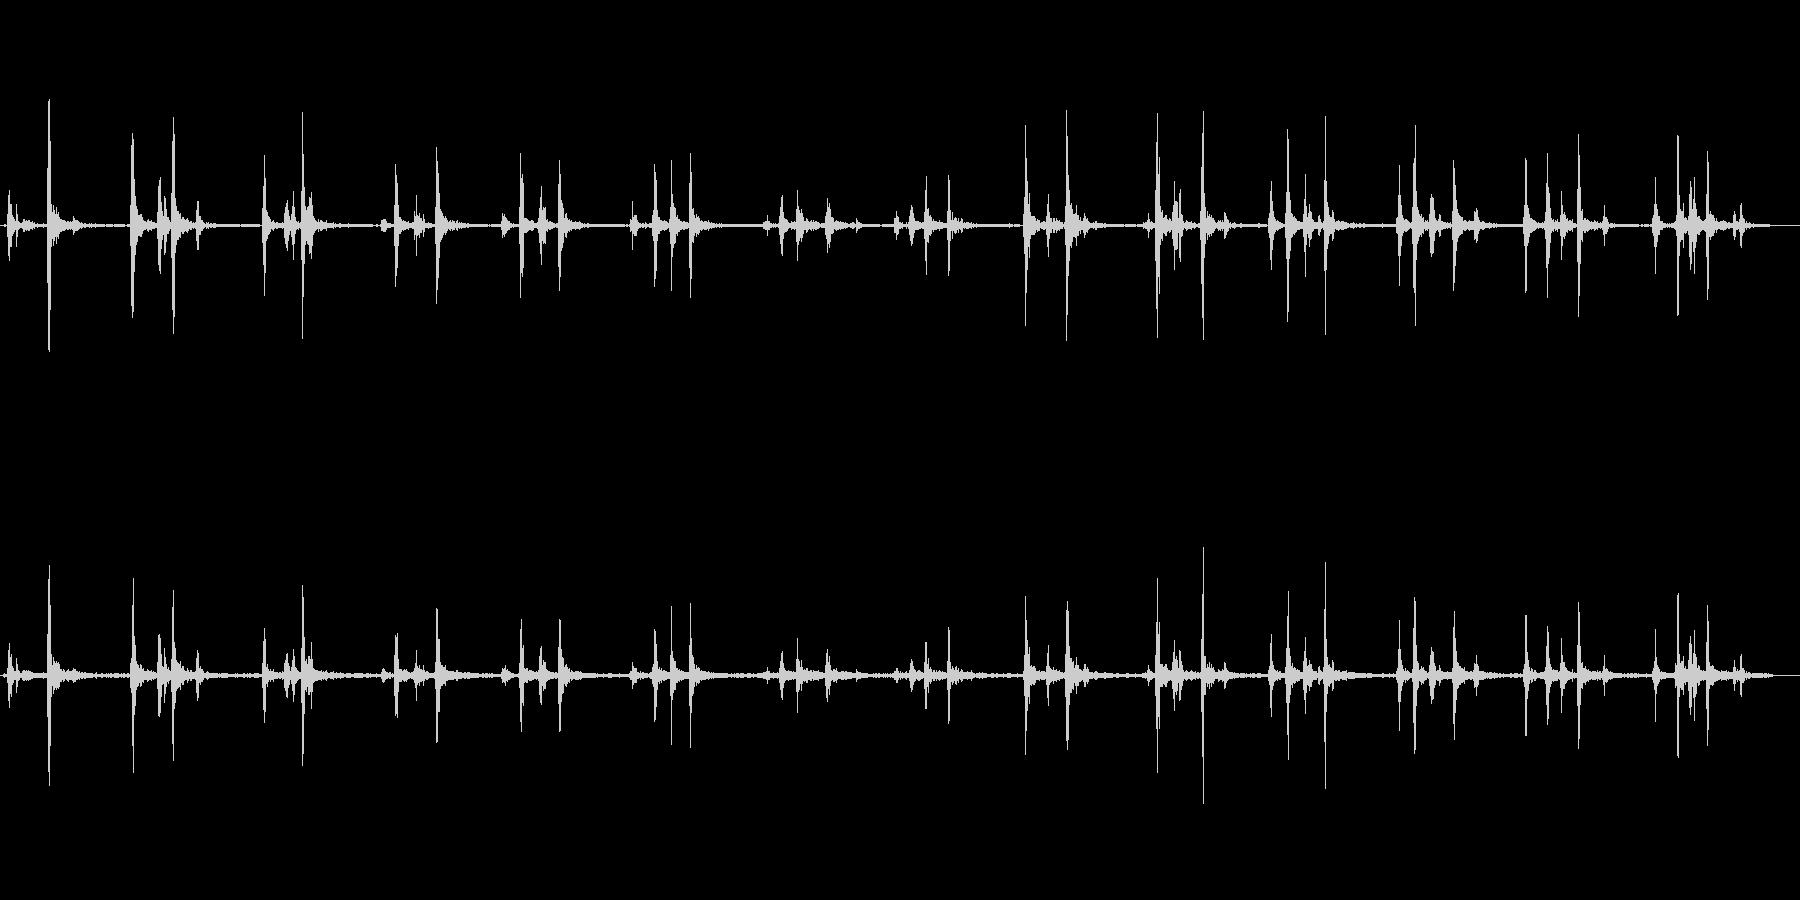 パカラッ(馬の足音)長めの未再生の波形